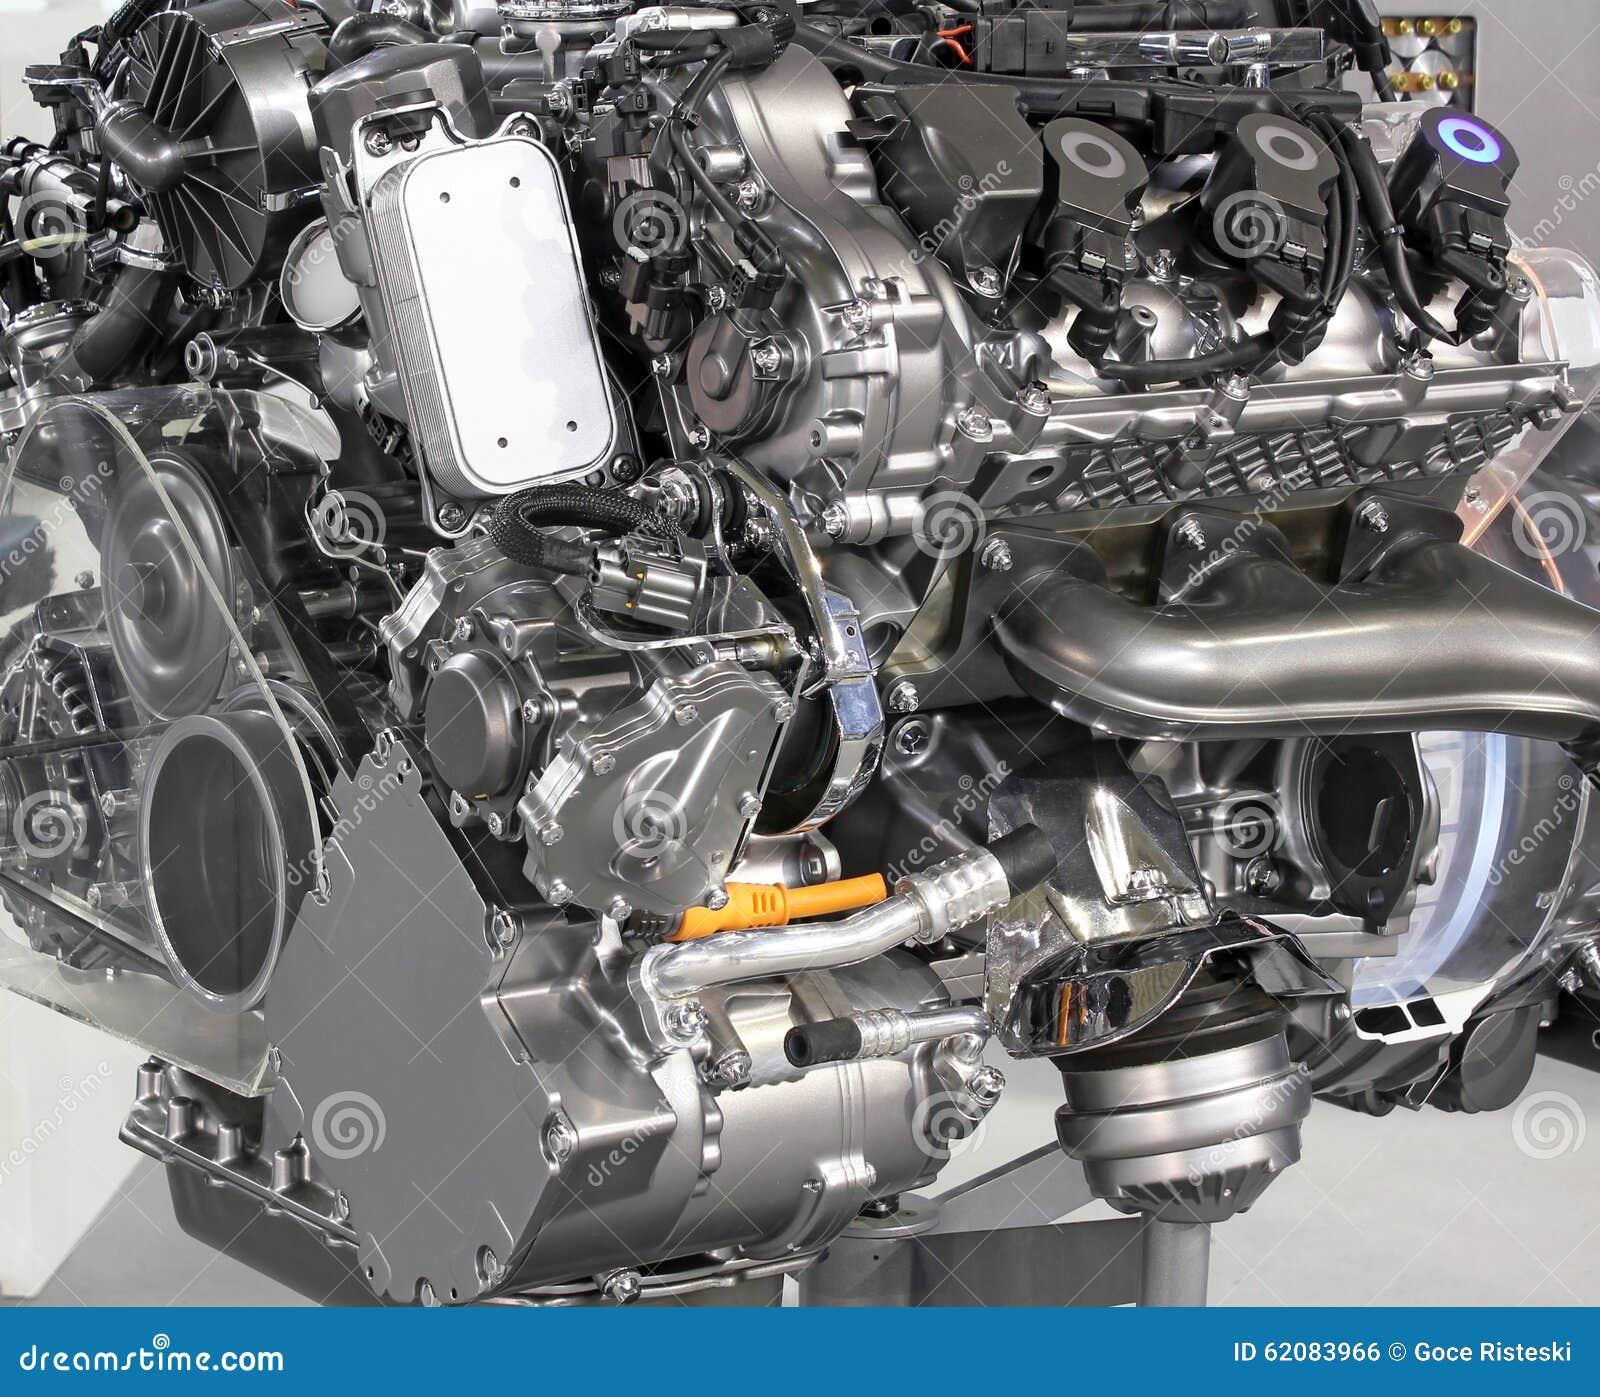 V6 Car Hybrid Engine Stock Photo Image 62083966